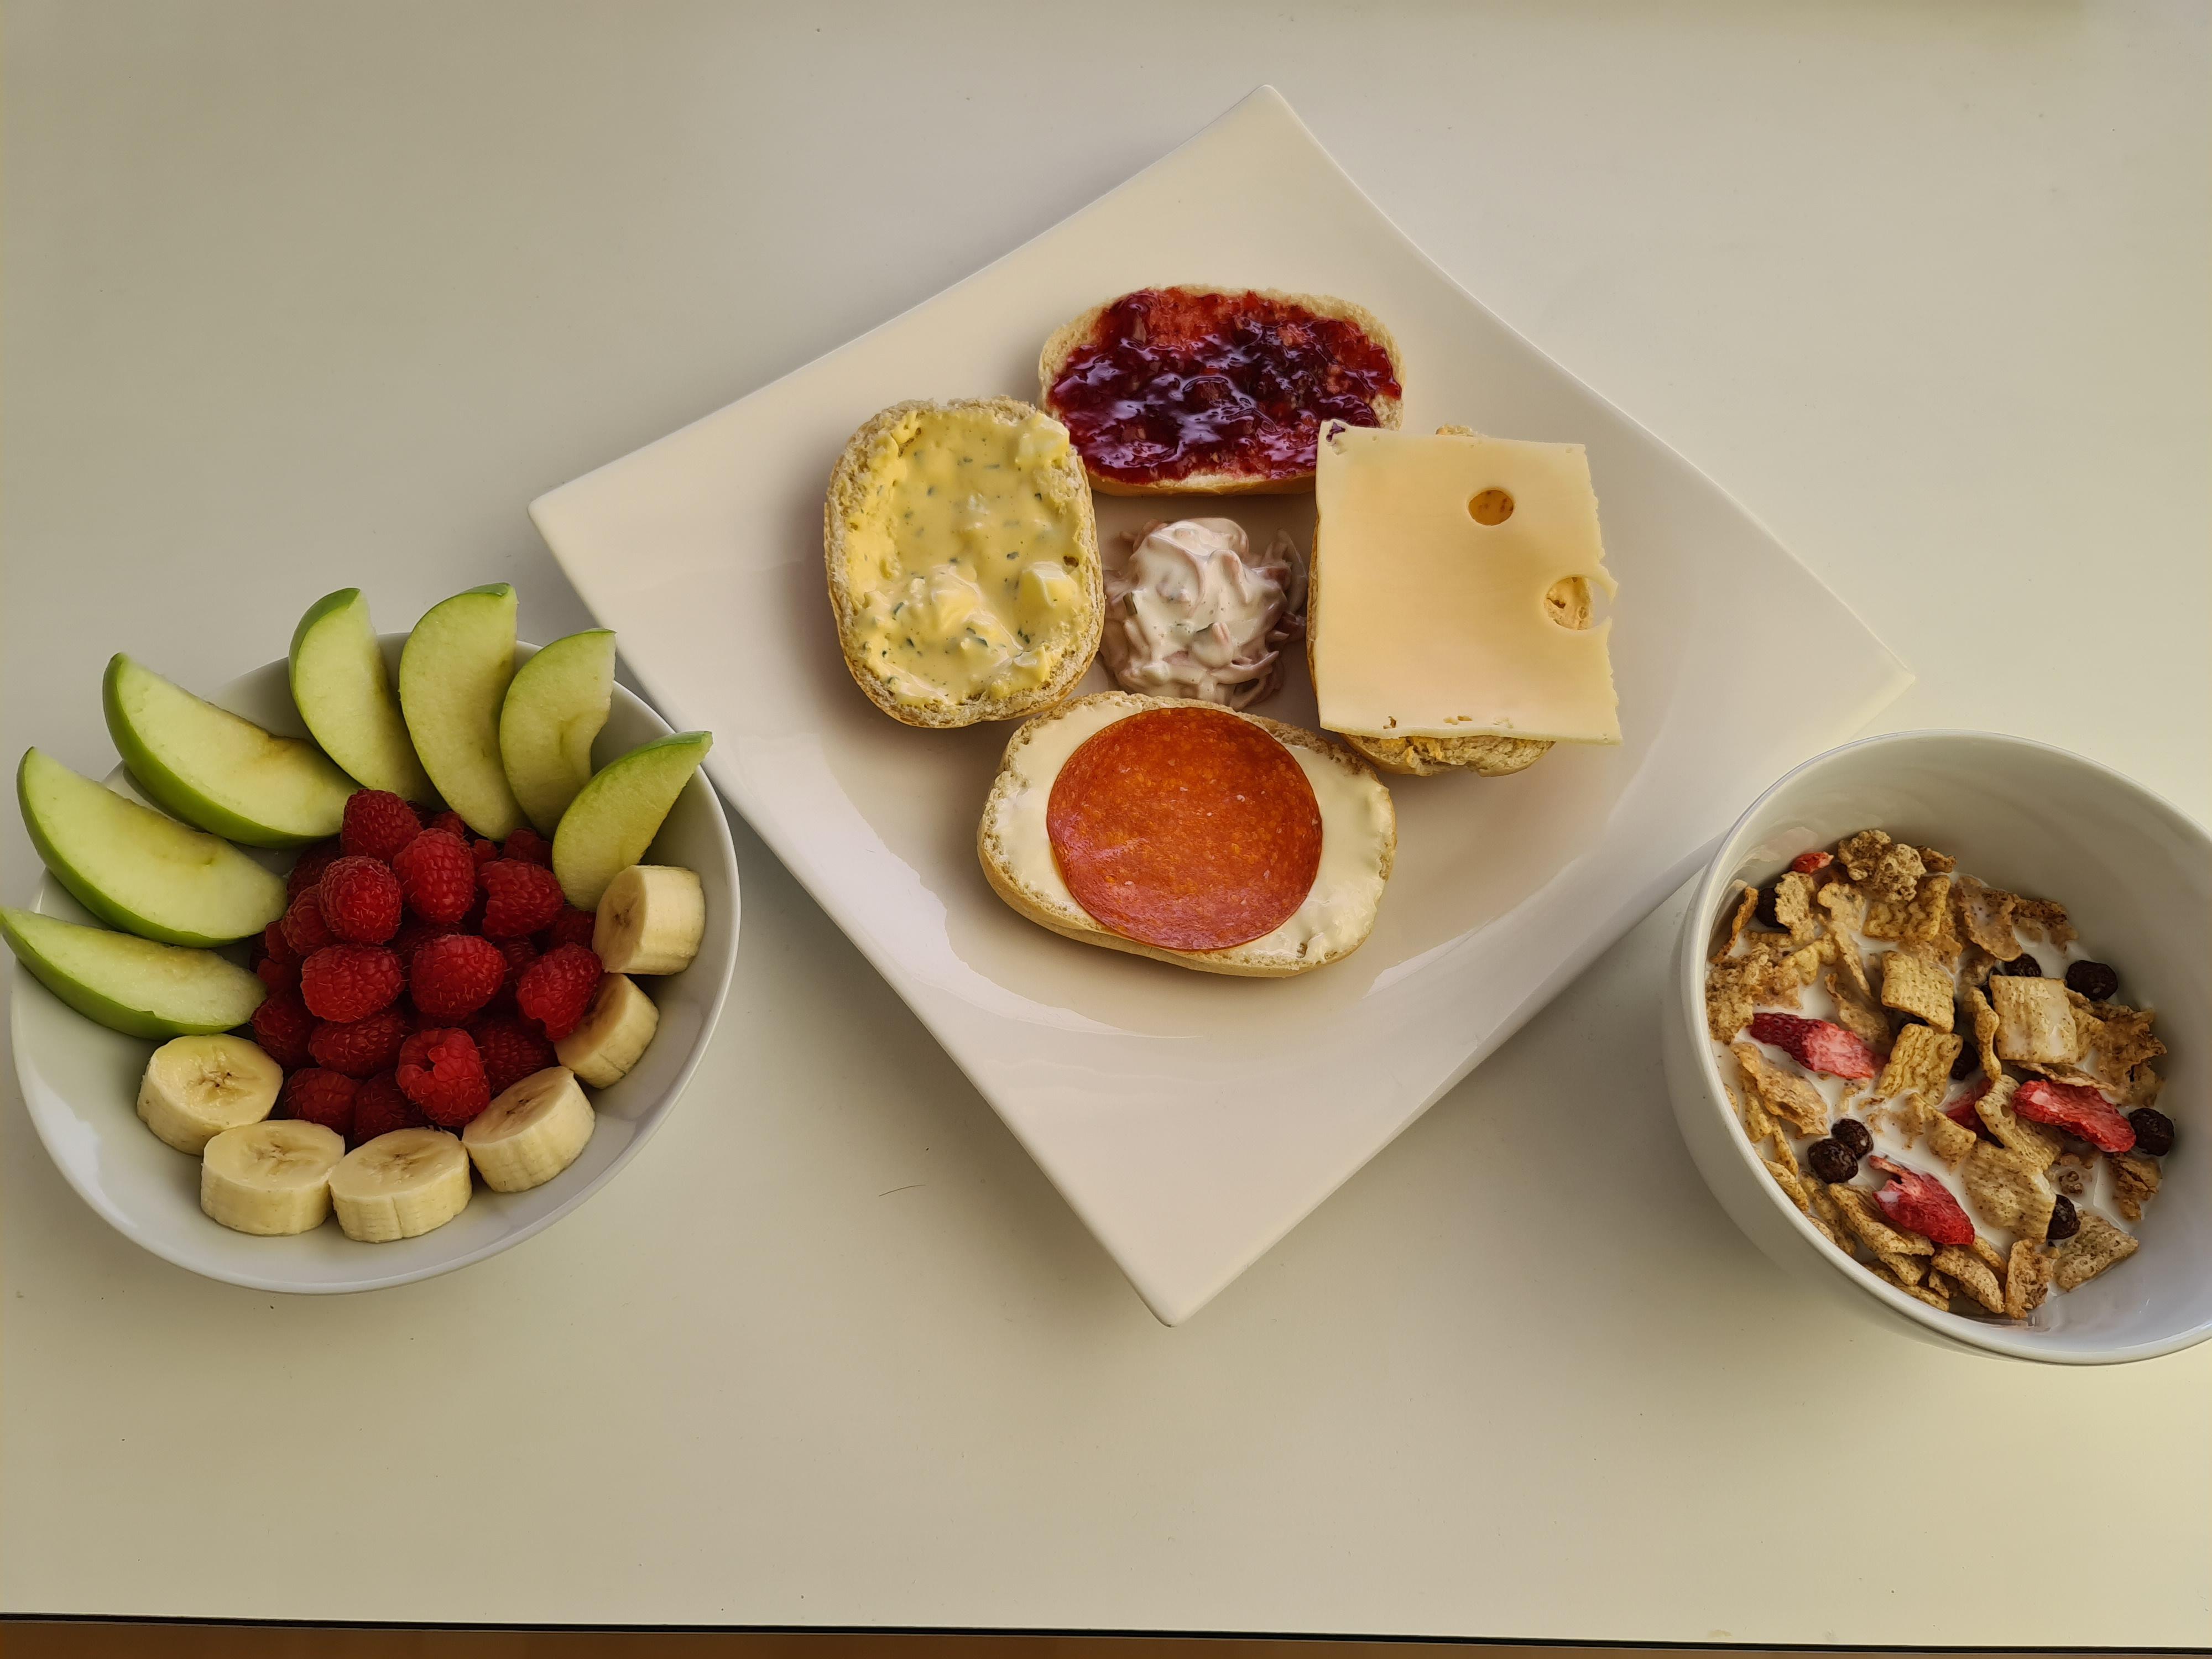 https://foodloader.net/Holz_2020-04-02_Fruehstueck.jpg